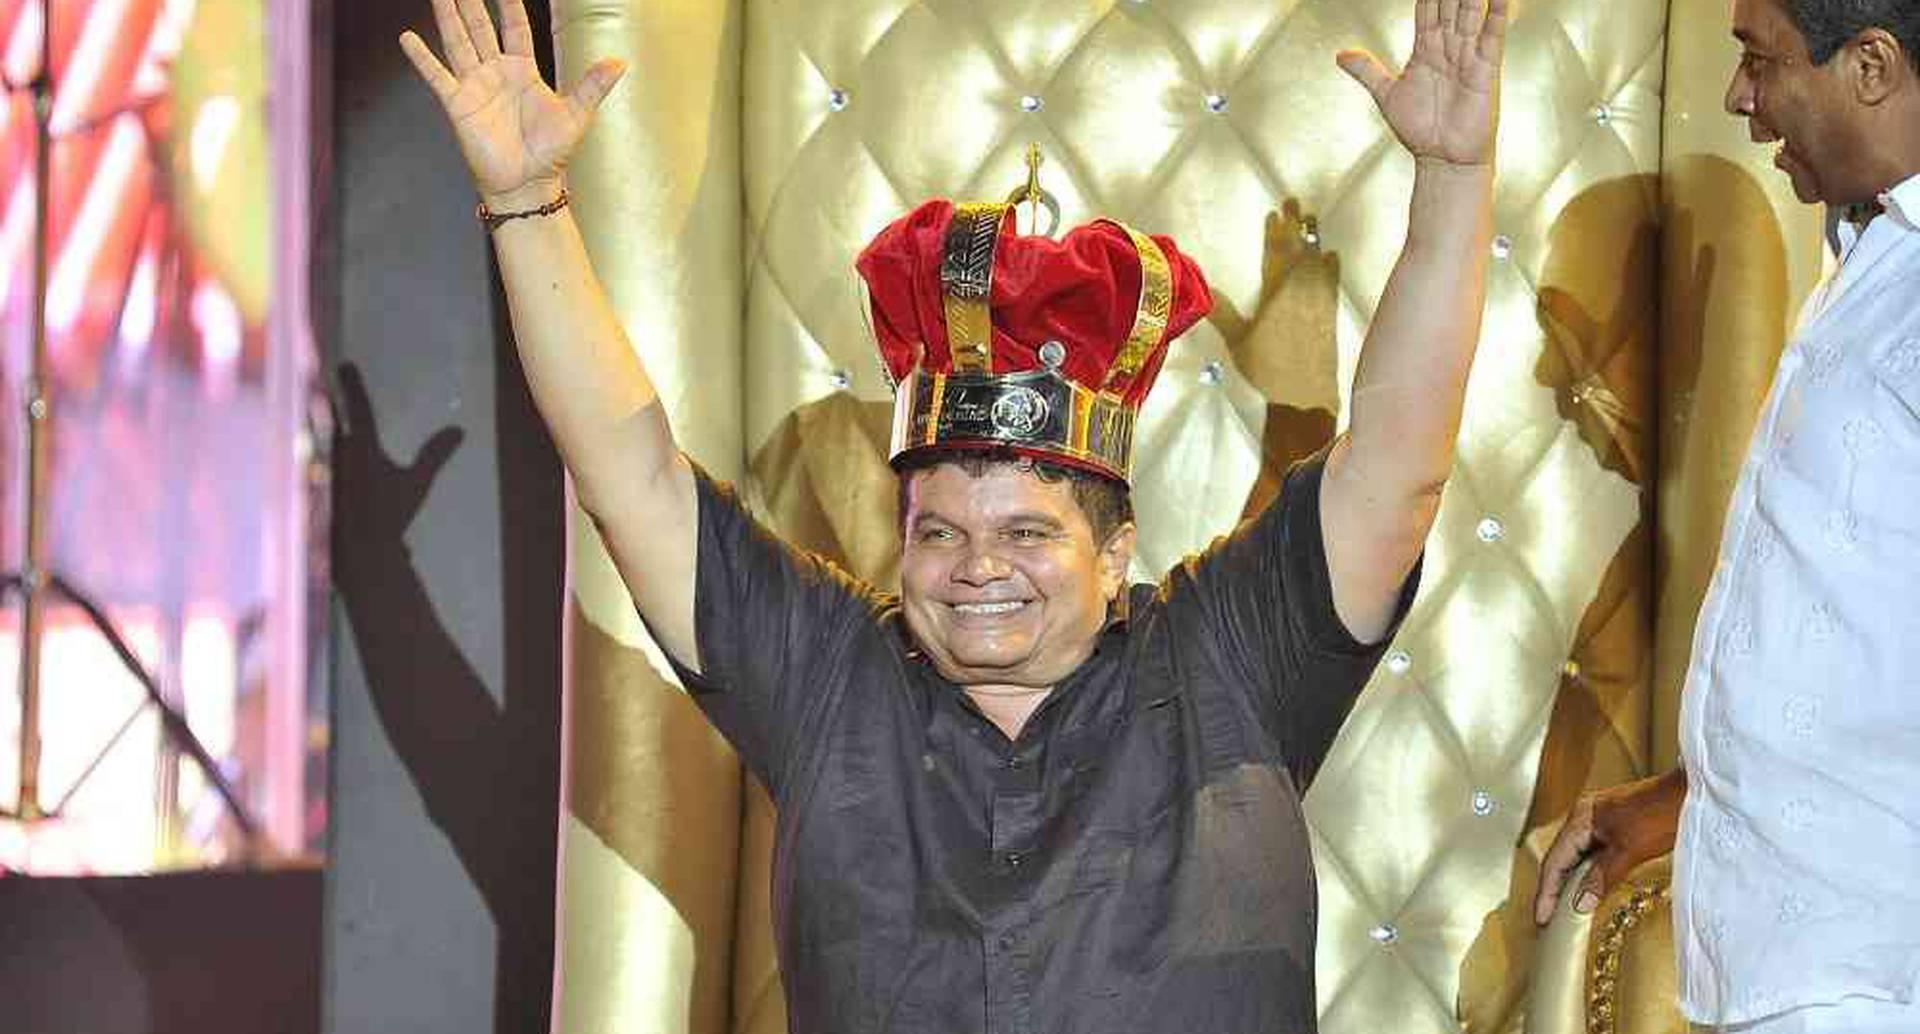 Álvaro López Carrillo, Rey de reyes 2017, celebra su triunfo  la madrugada del lunes 1 de mayo de 2017de 2017, en el parque de la Leyenda Vallenata, Consuelo Araujo Noguera, durante la final del 50 Festival Vallenato y IV Rey de reyes, en Valledupar, Colombia. Foto: Carlos Julio Martínez / SEMANA